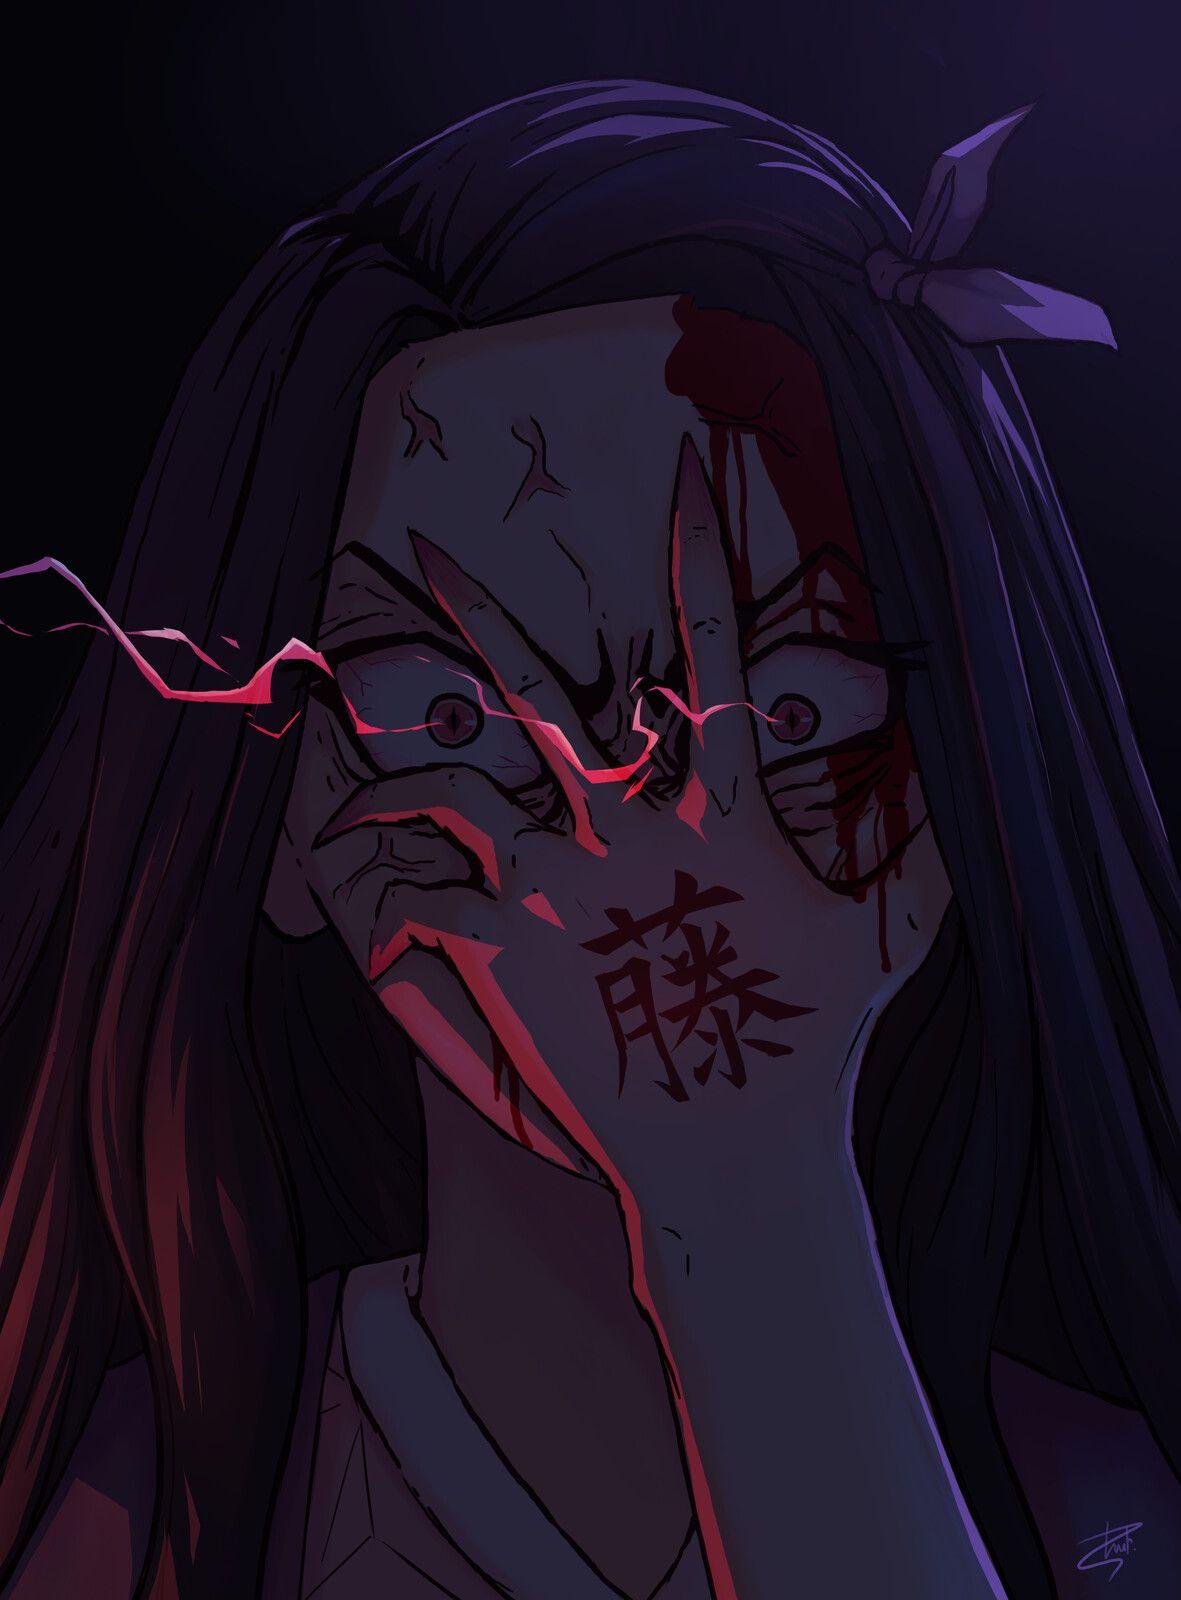 Nezuko fanart (Demon Slayer: Kimetsu no Yaiba), Martin F